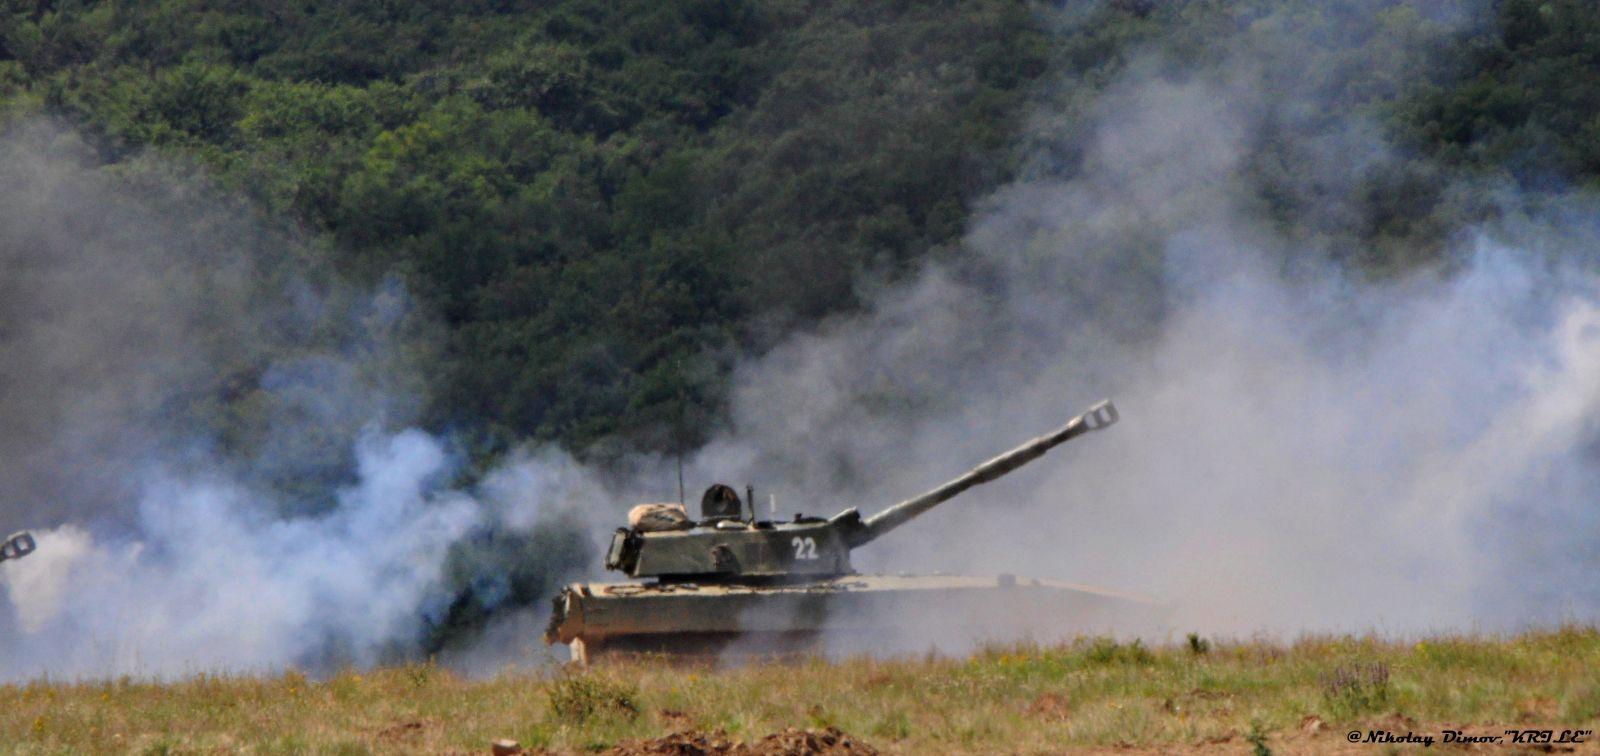 """ЕФЕКТНО ВИДЕО: Учението """"Ответен удар-2019 г."""" - Огнева подготовка и контраатака на пехотата (3 част)"""